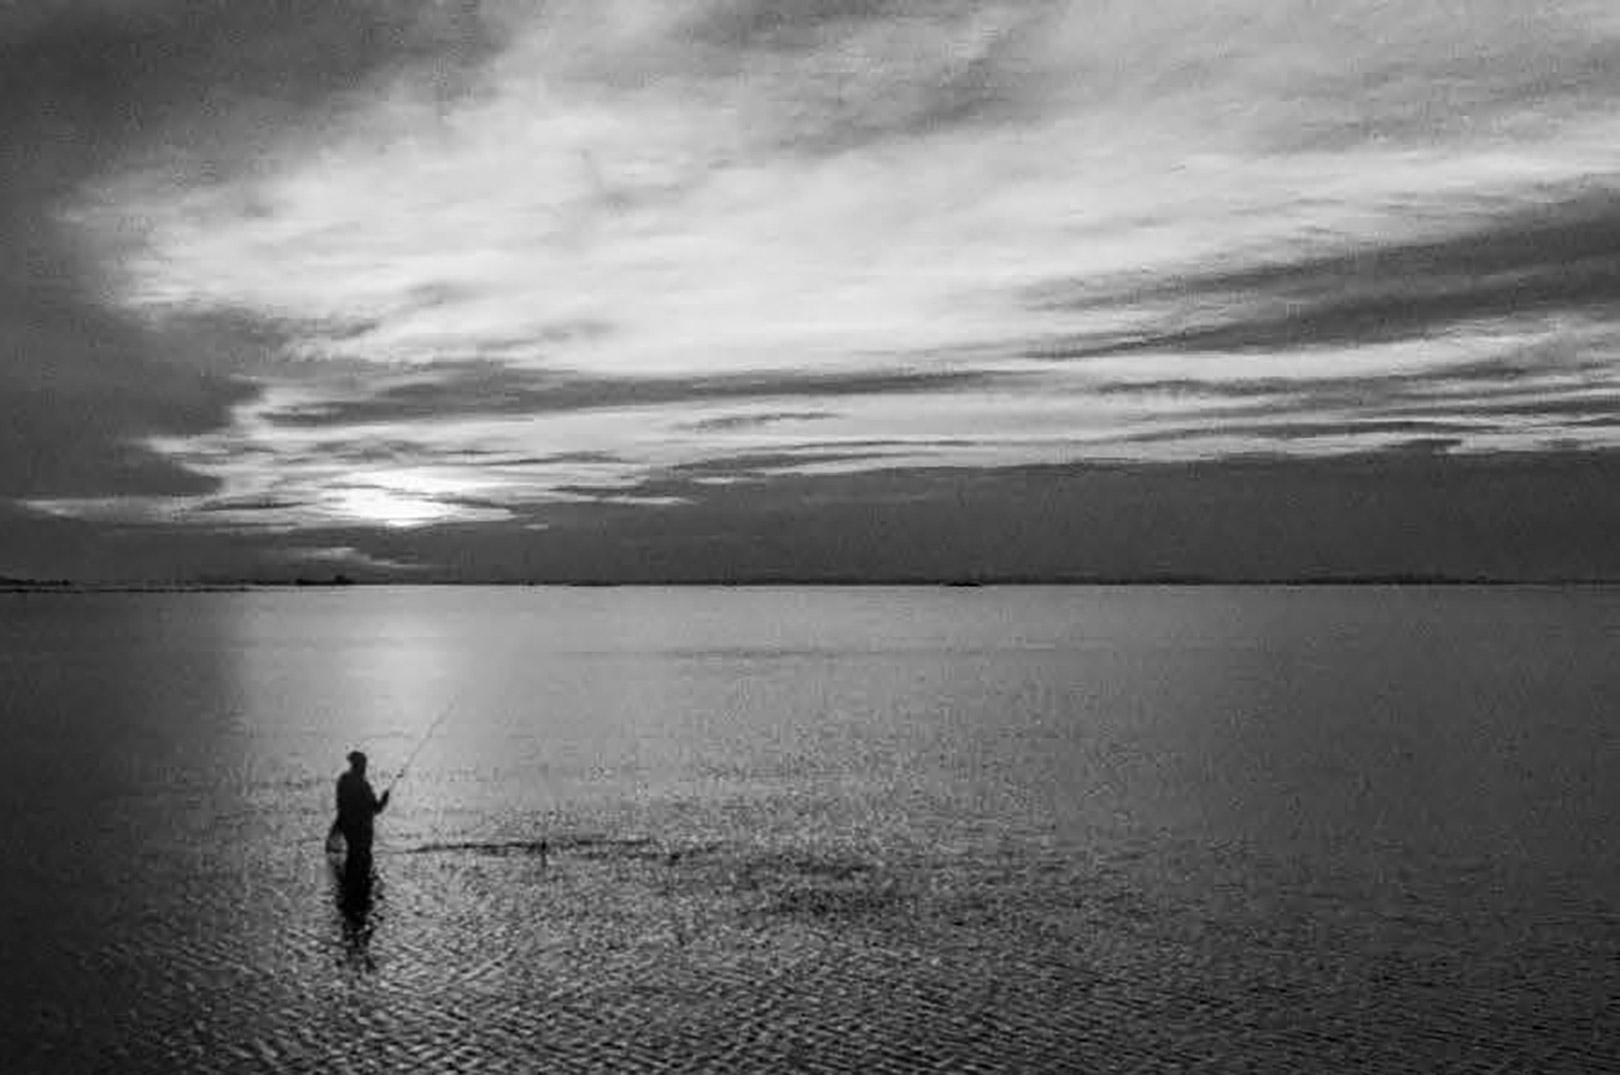 Kun enkelte steder er det nødvendigt, at vade et godt stykke ud i vandet. På de fleste pladser starter fiskeriet allerede fra land. Husk derfor, at affiske det vand tættest på dig godt og grundigt, før du går ud. For fisken går ofte tættere på land end du regner med...